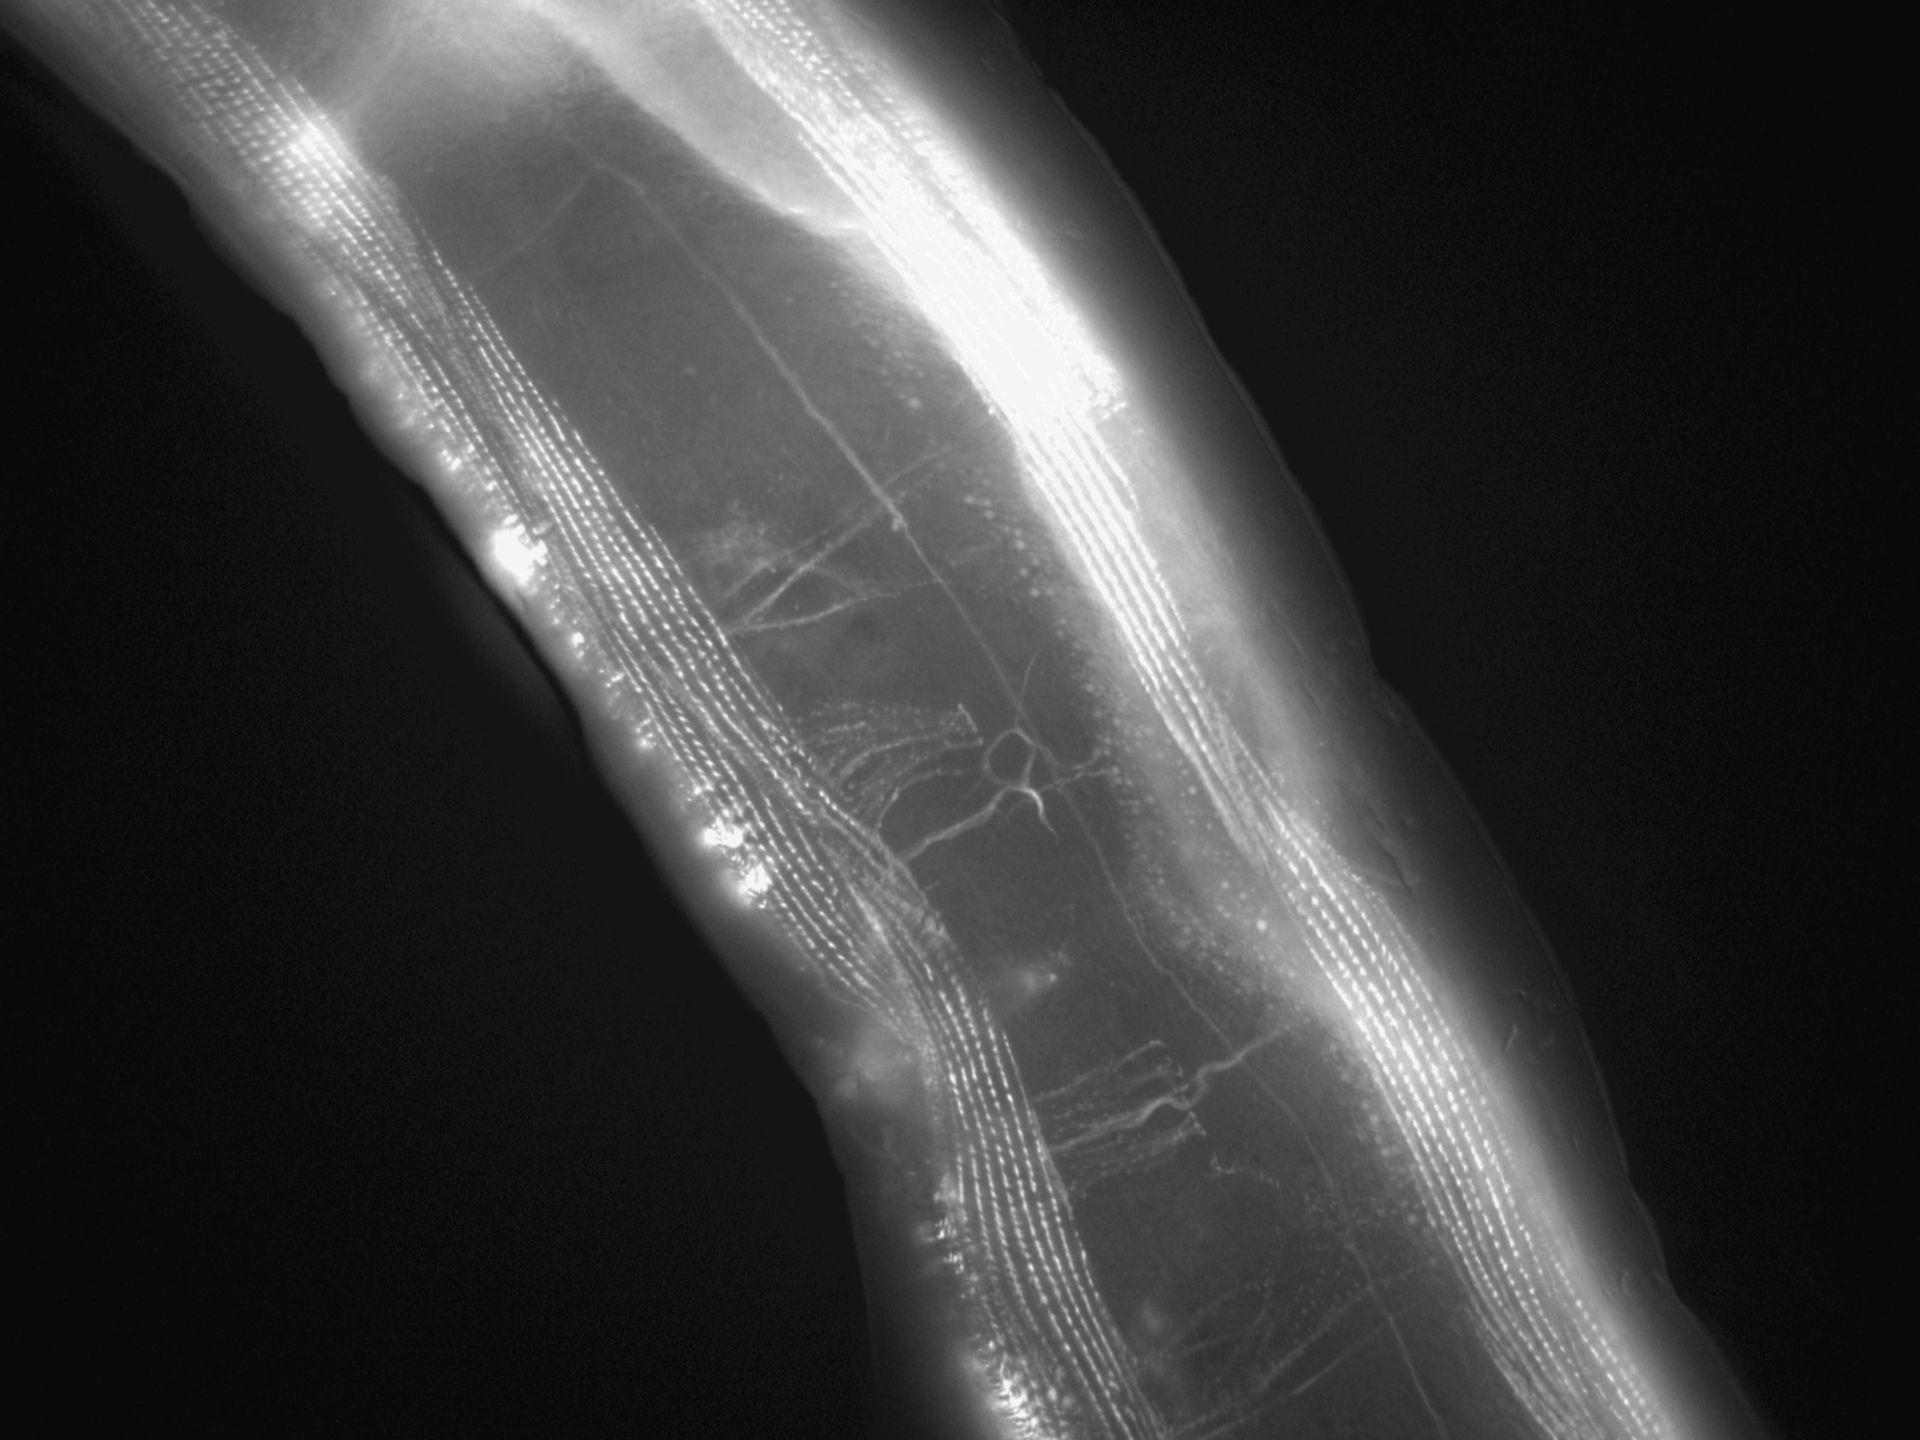 Caenorhabditis elegans (Actin filament) - CIL:1153